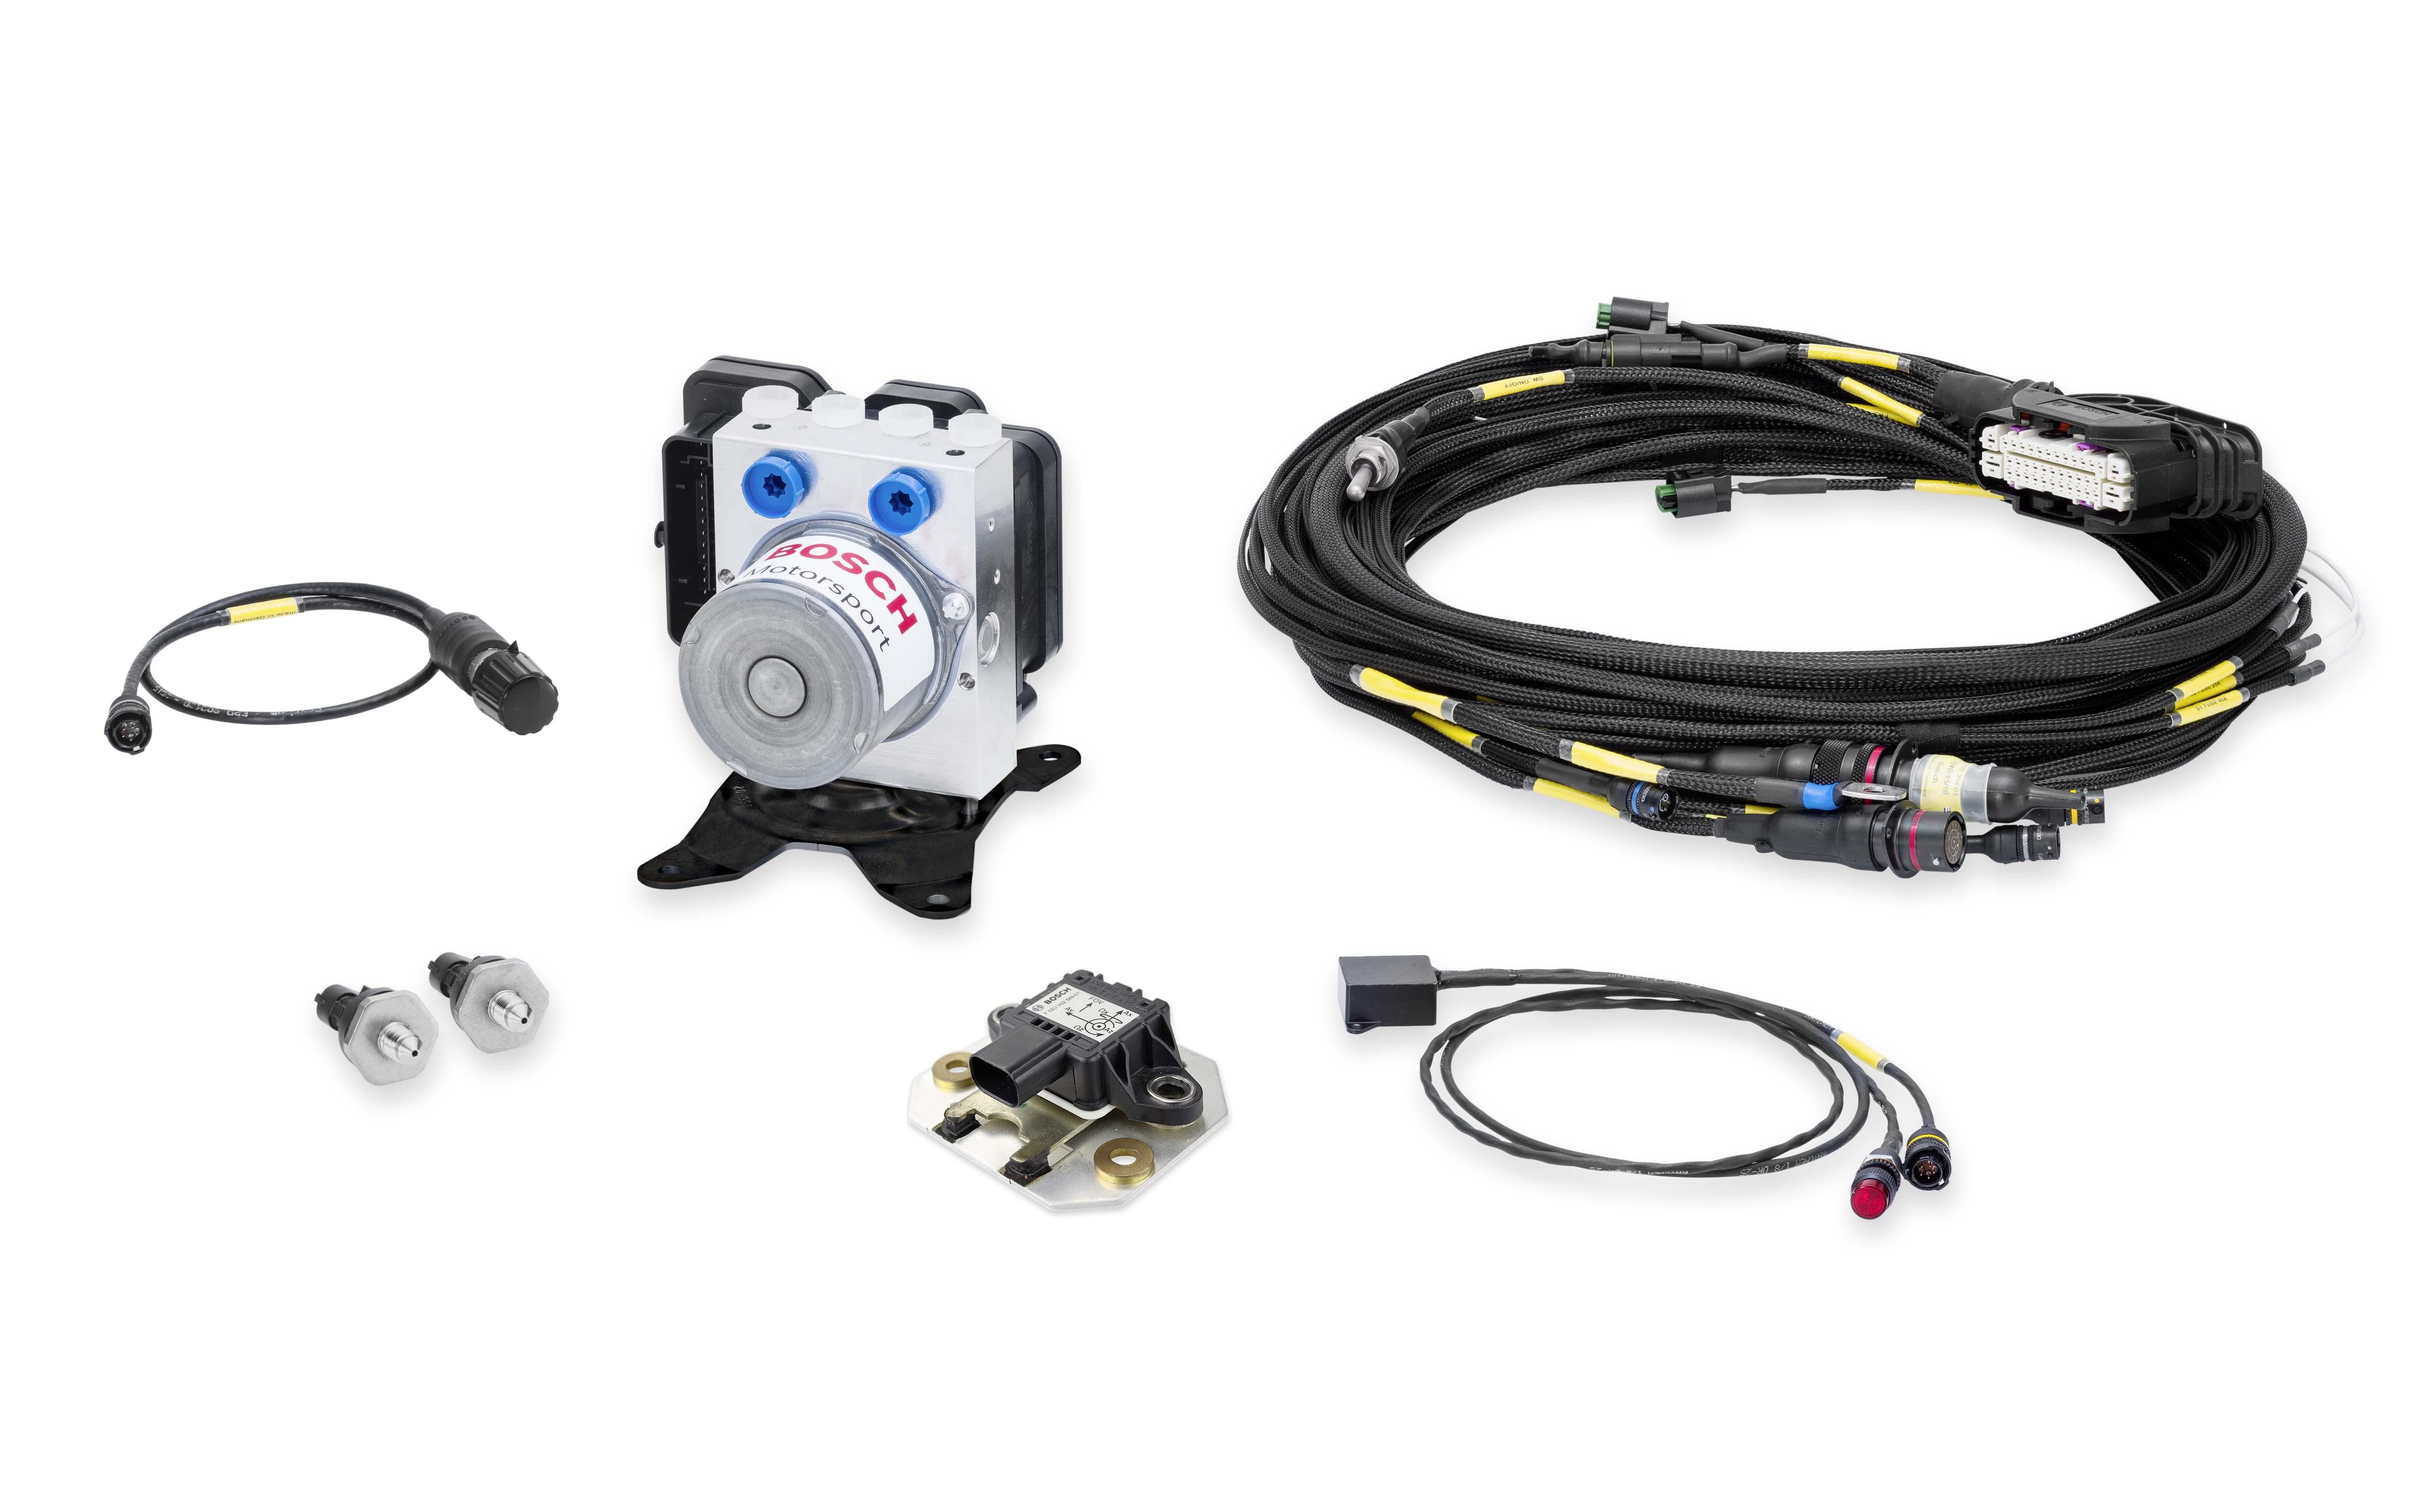 ABS M5 Kit Porsche Cup Vehicle Specific Wiring Harnesses on vehicle trailer wiring, vehicle specific speakers, vehicle specific seat covers, vehicle wiring hardness, vehicle specific wiring harnes jvc kw-r500,